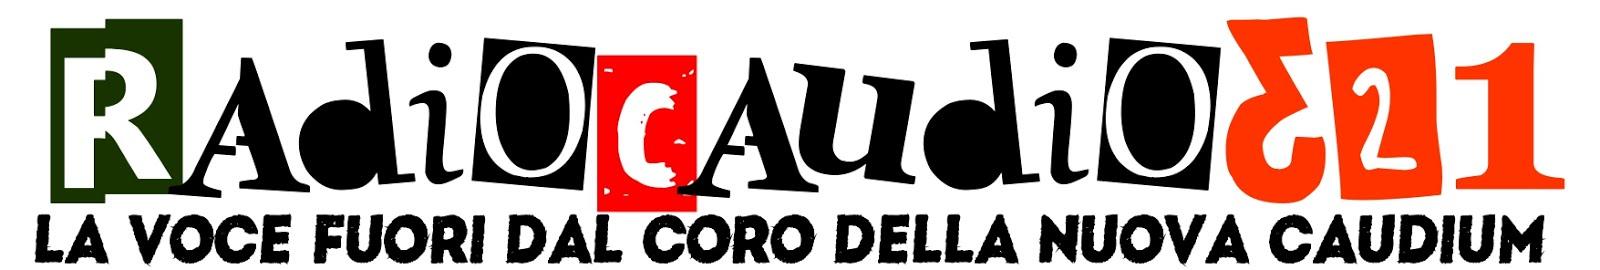 RadioCaudio321